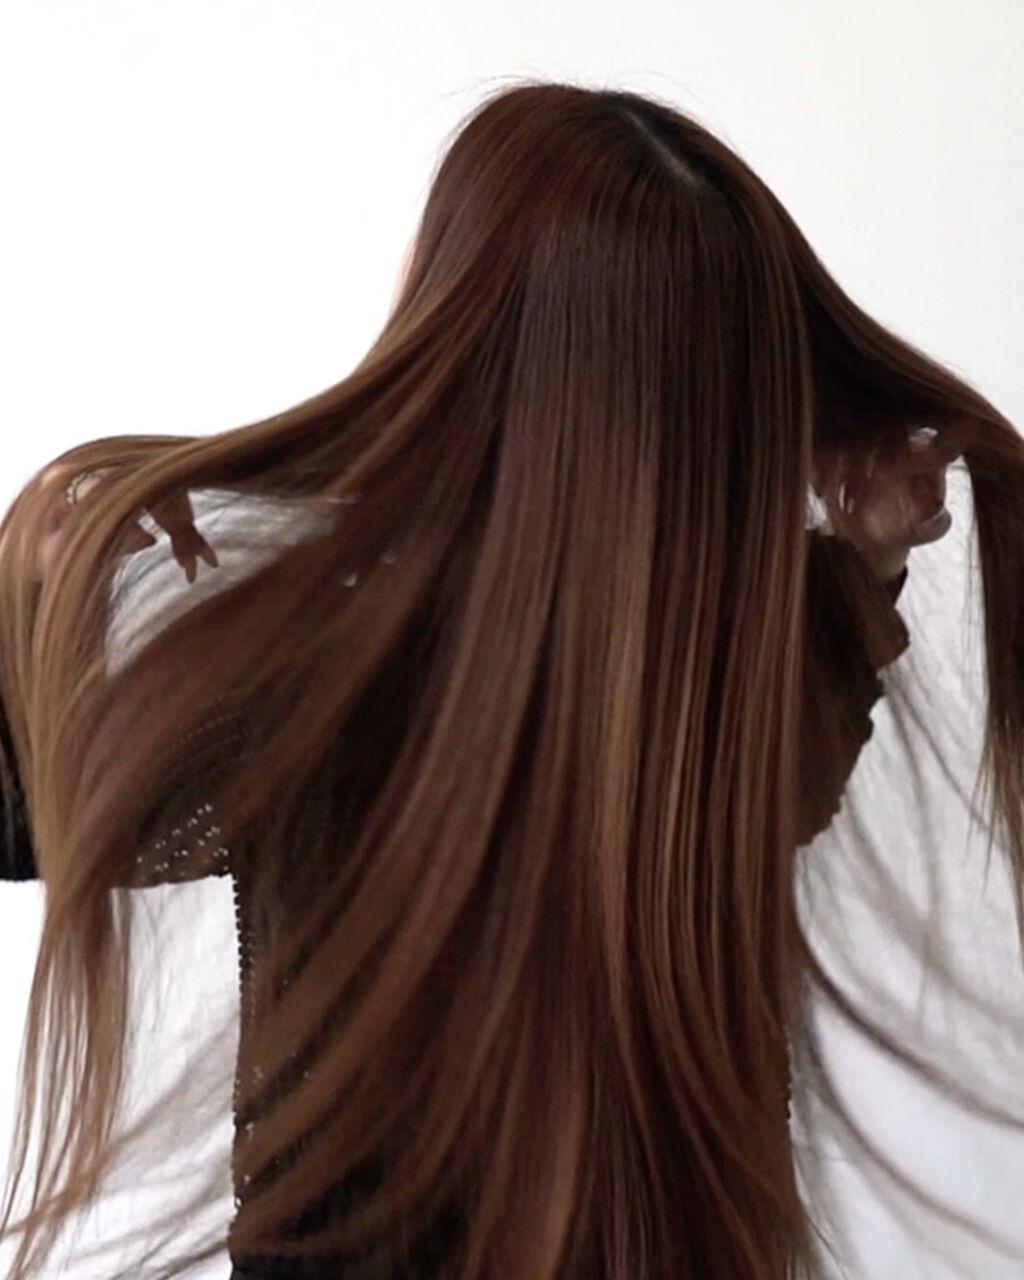 【動画付きクチコミ】【✨SilkyStraightHair✨】ストレートアイロンで簡単!ver.3シルキーストレートヘア◆オススメヘアレングスロブ、ミディアム、セミロング、ロング、スーパーロング◆髪の毛のかたさやややわらかい〜普通◆使用アイテム/温度設定...